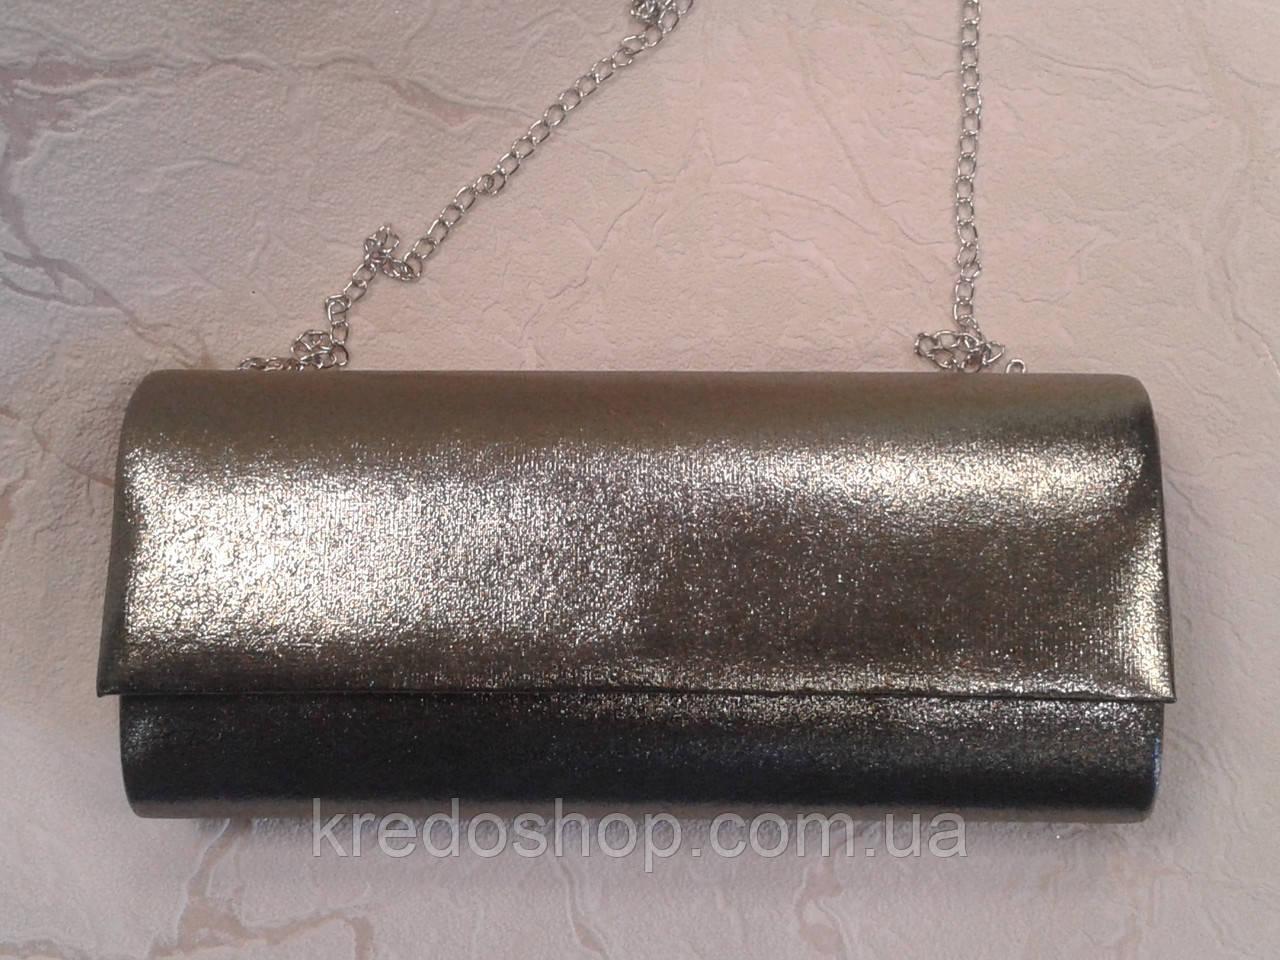 8a3316997ec5 Клатч вечерний женский серо-серебристый,красивый(Турция) - Интернет-магазин  сумок